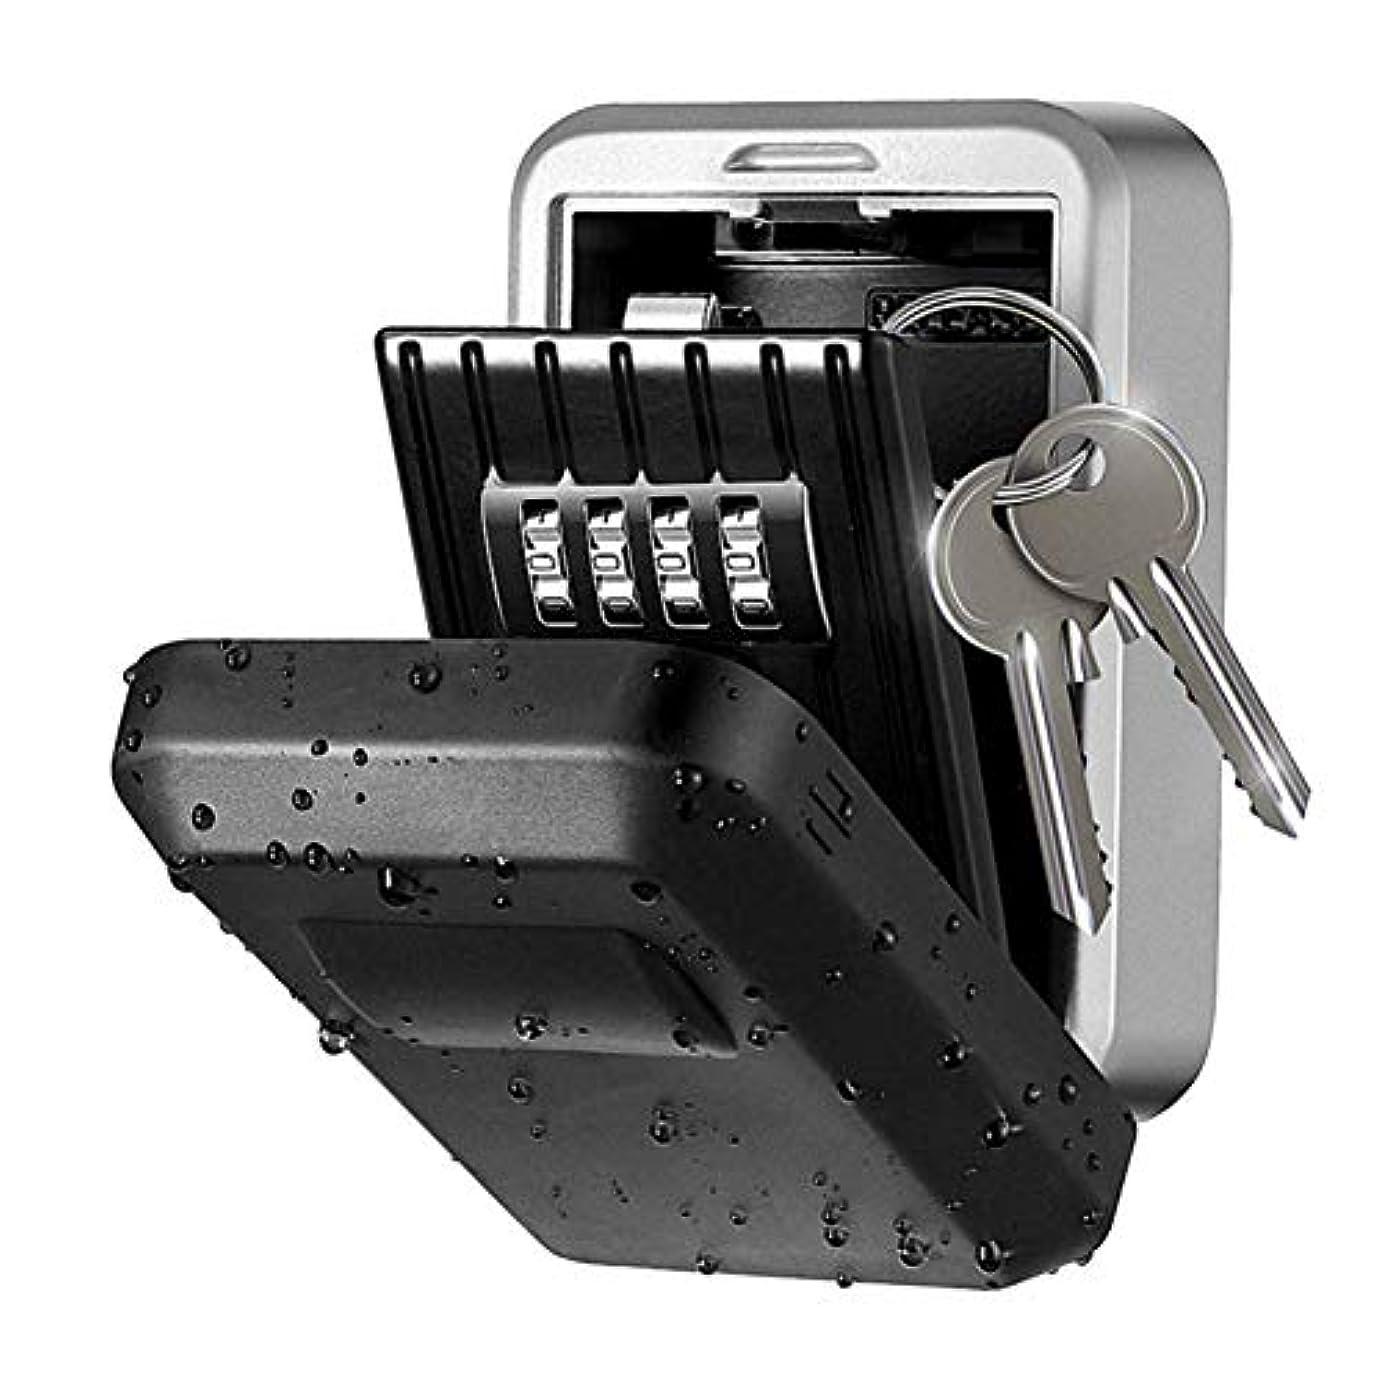 広い危機狂ったKey Storage Box,ZOZOE Wall Mount Key Lock Box - Strong, Metal, Outdoors 4 Digit Combination Wall Mount Key Safe...